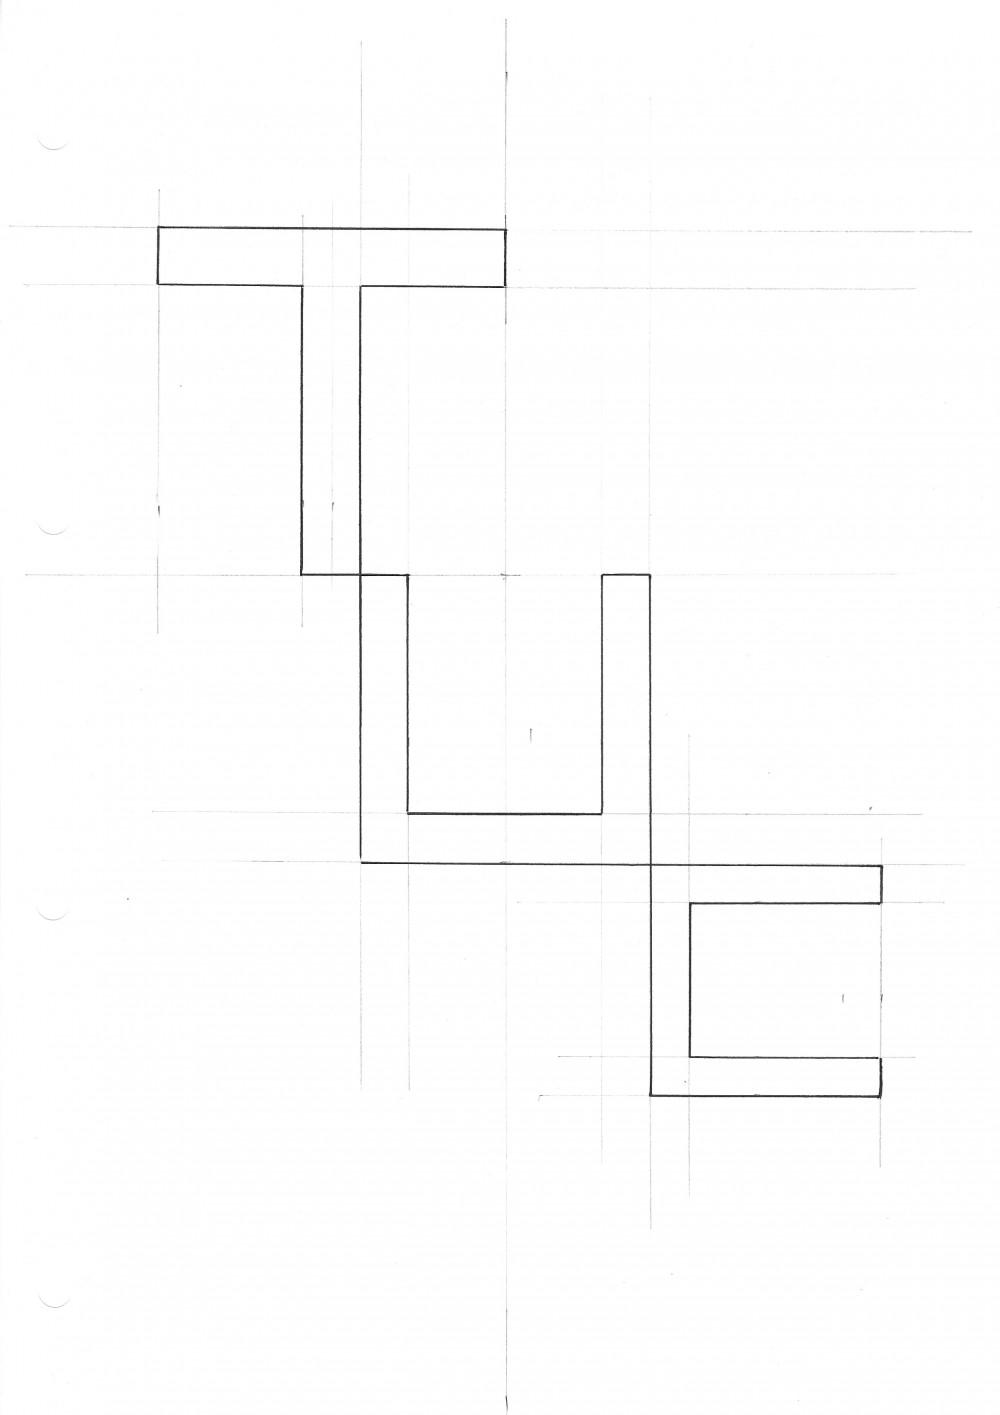 Grafische Zeichnung der Buchstaben T, U und C, die den Titel der Ausstellung bilden und für Turnstile Utter Chaos stehen.